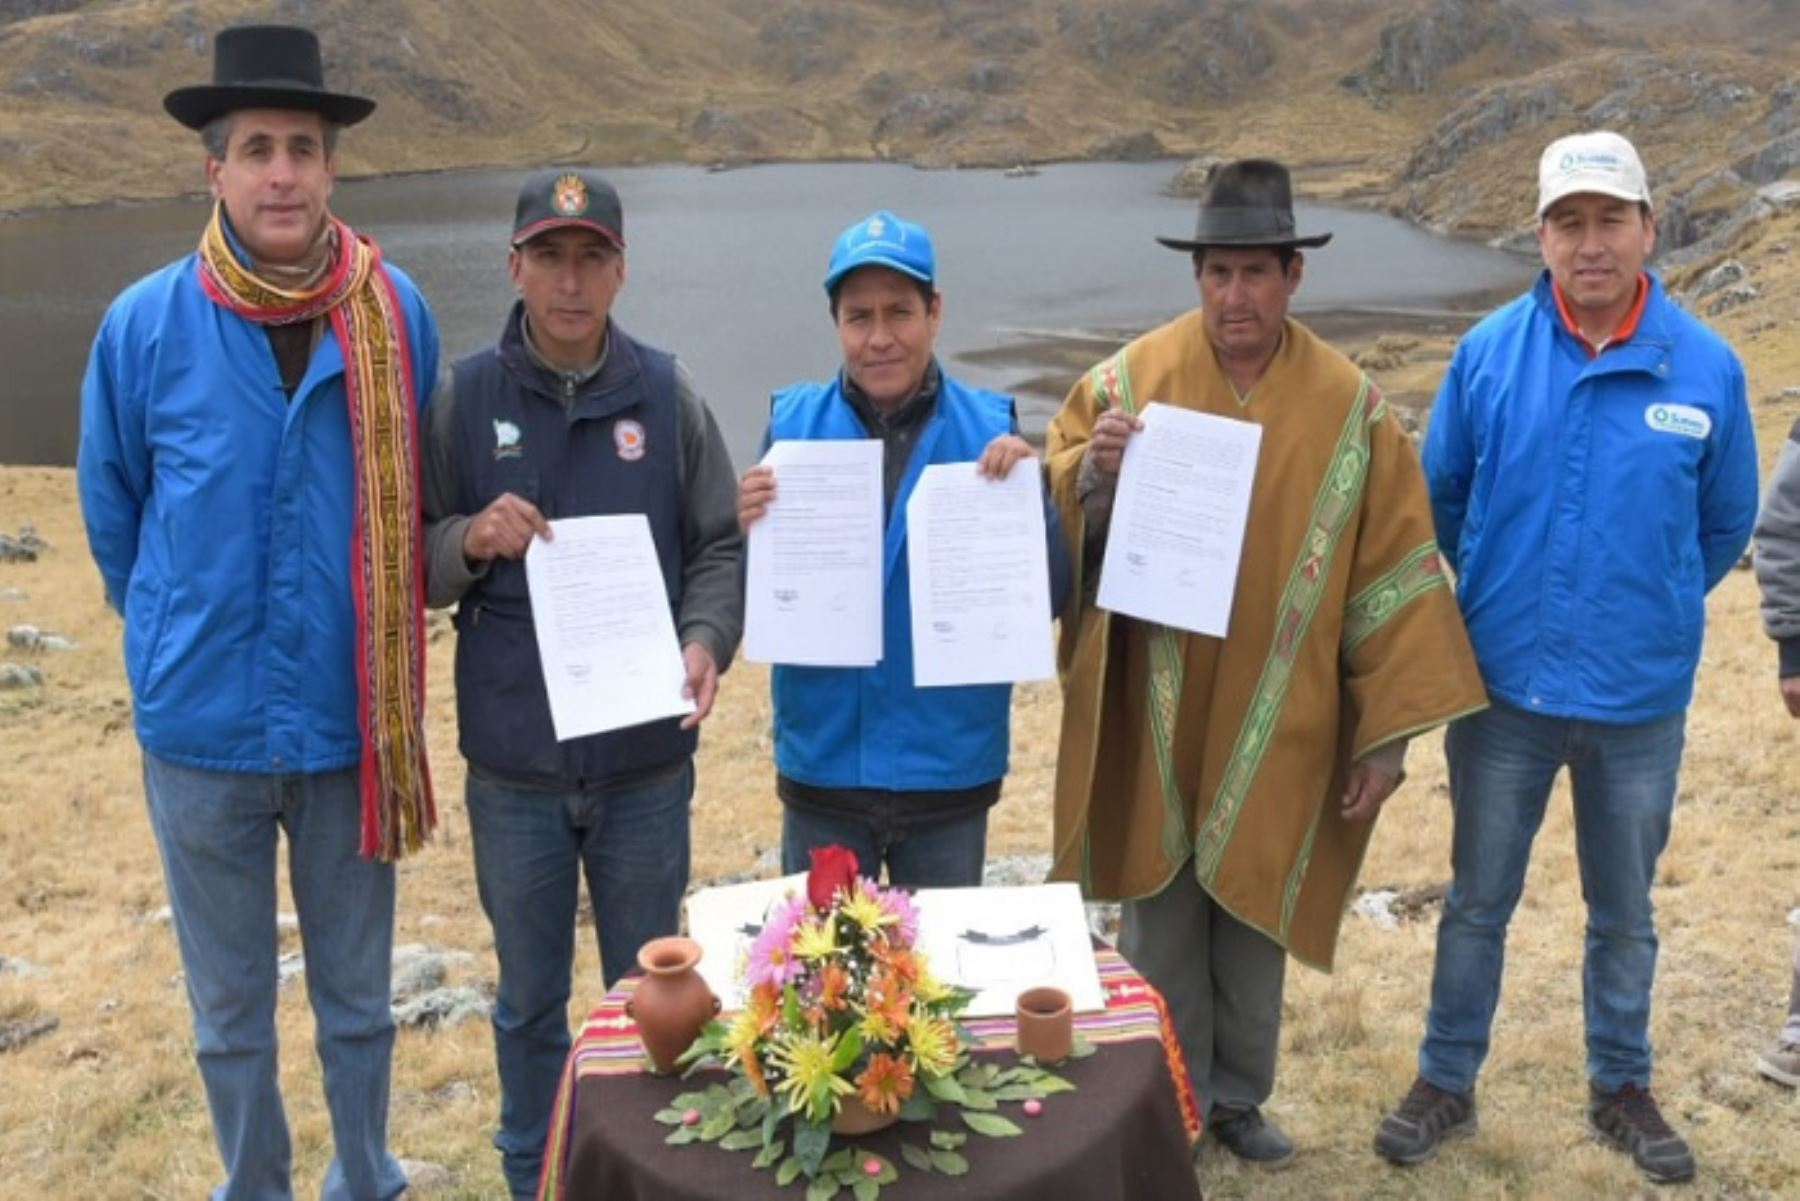 Contrato promovido por la Sunass para la implementación del Mecanismo de Retribución por Servicios Ecosistémicos (MERESE) beneficiará a 65 mil personas y permitirá mejorar la continuidad y la cobertura del servicio de agua potable en Abancay.